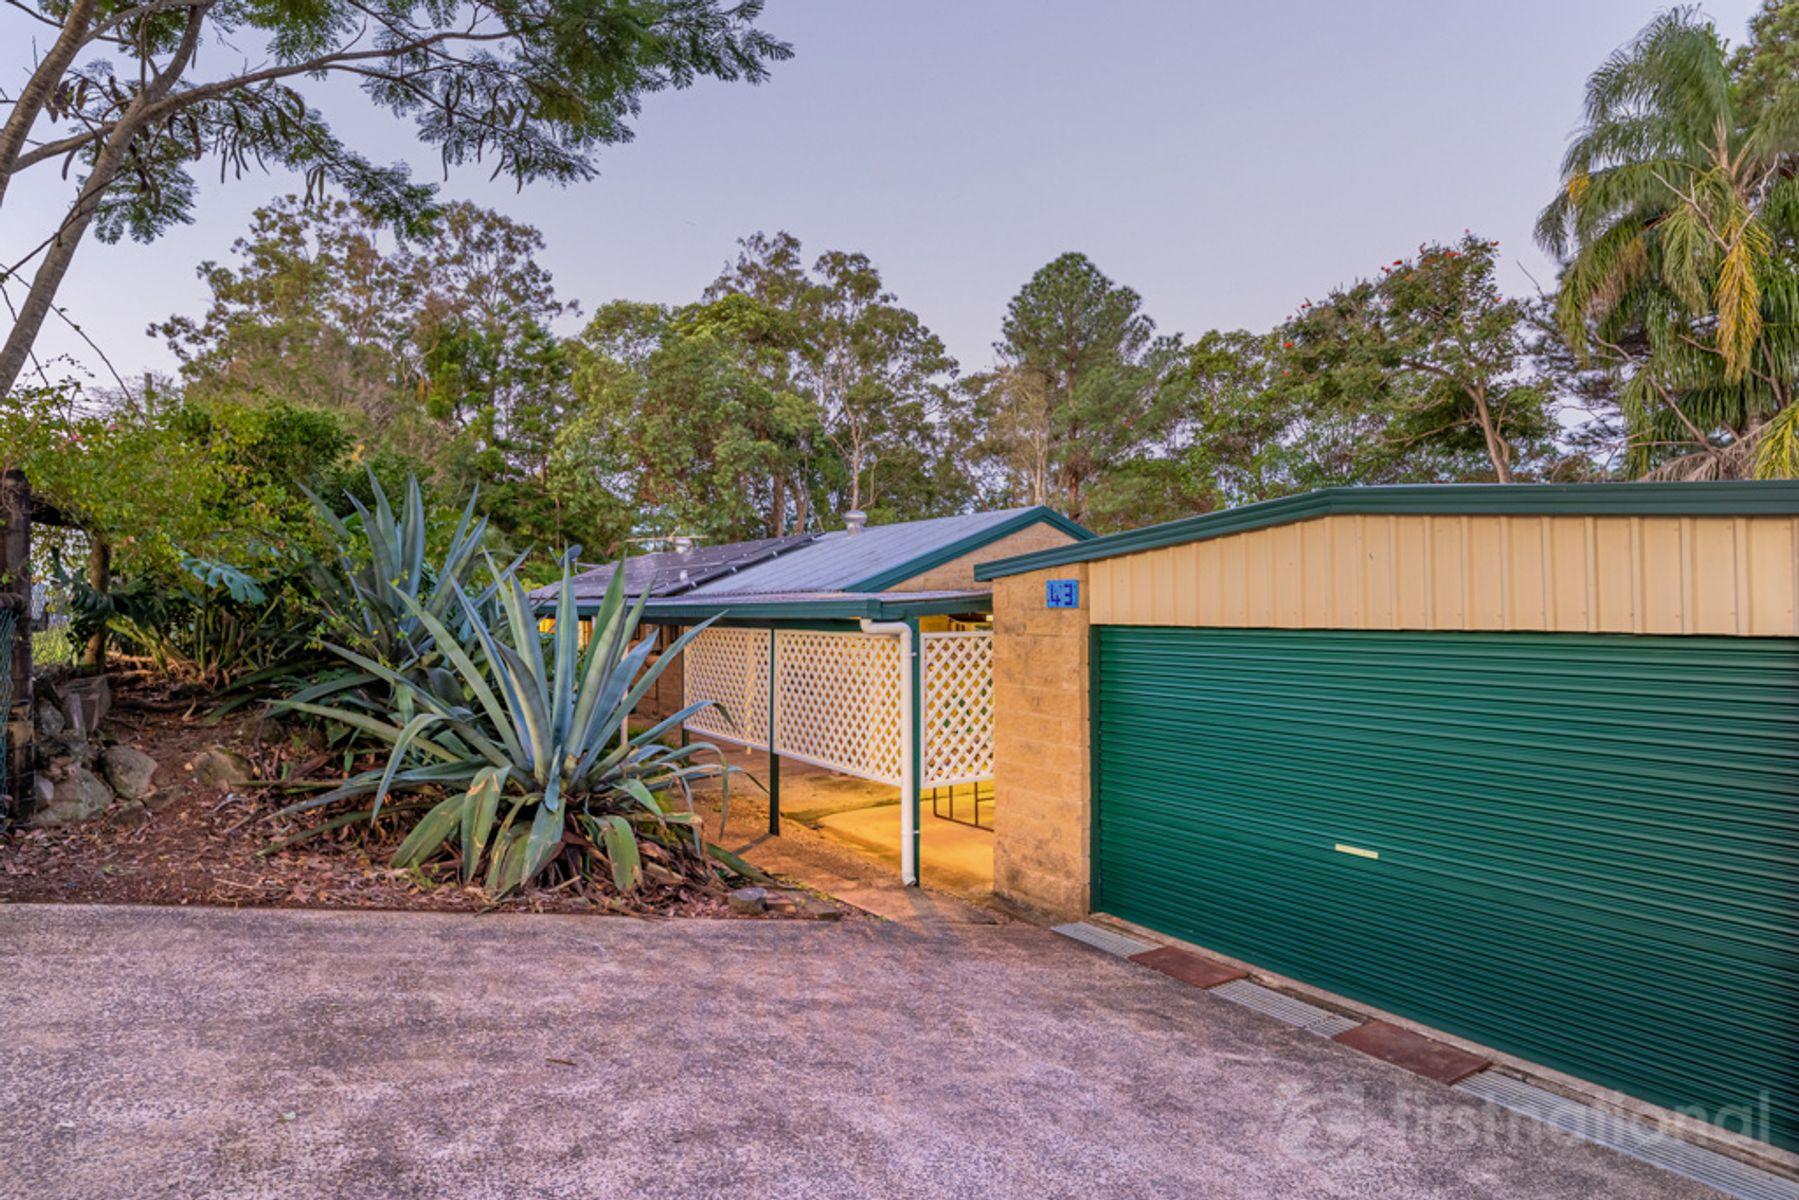 43 Lower Mount Mellum Road, Landsborough, QLD 4550